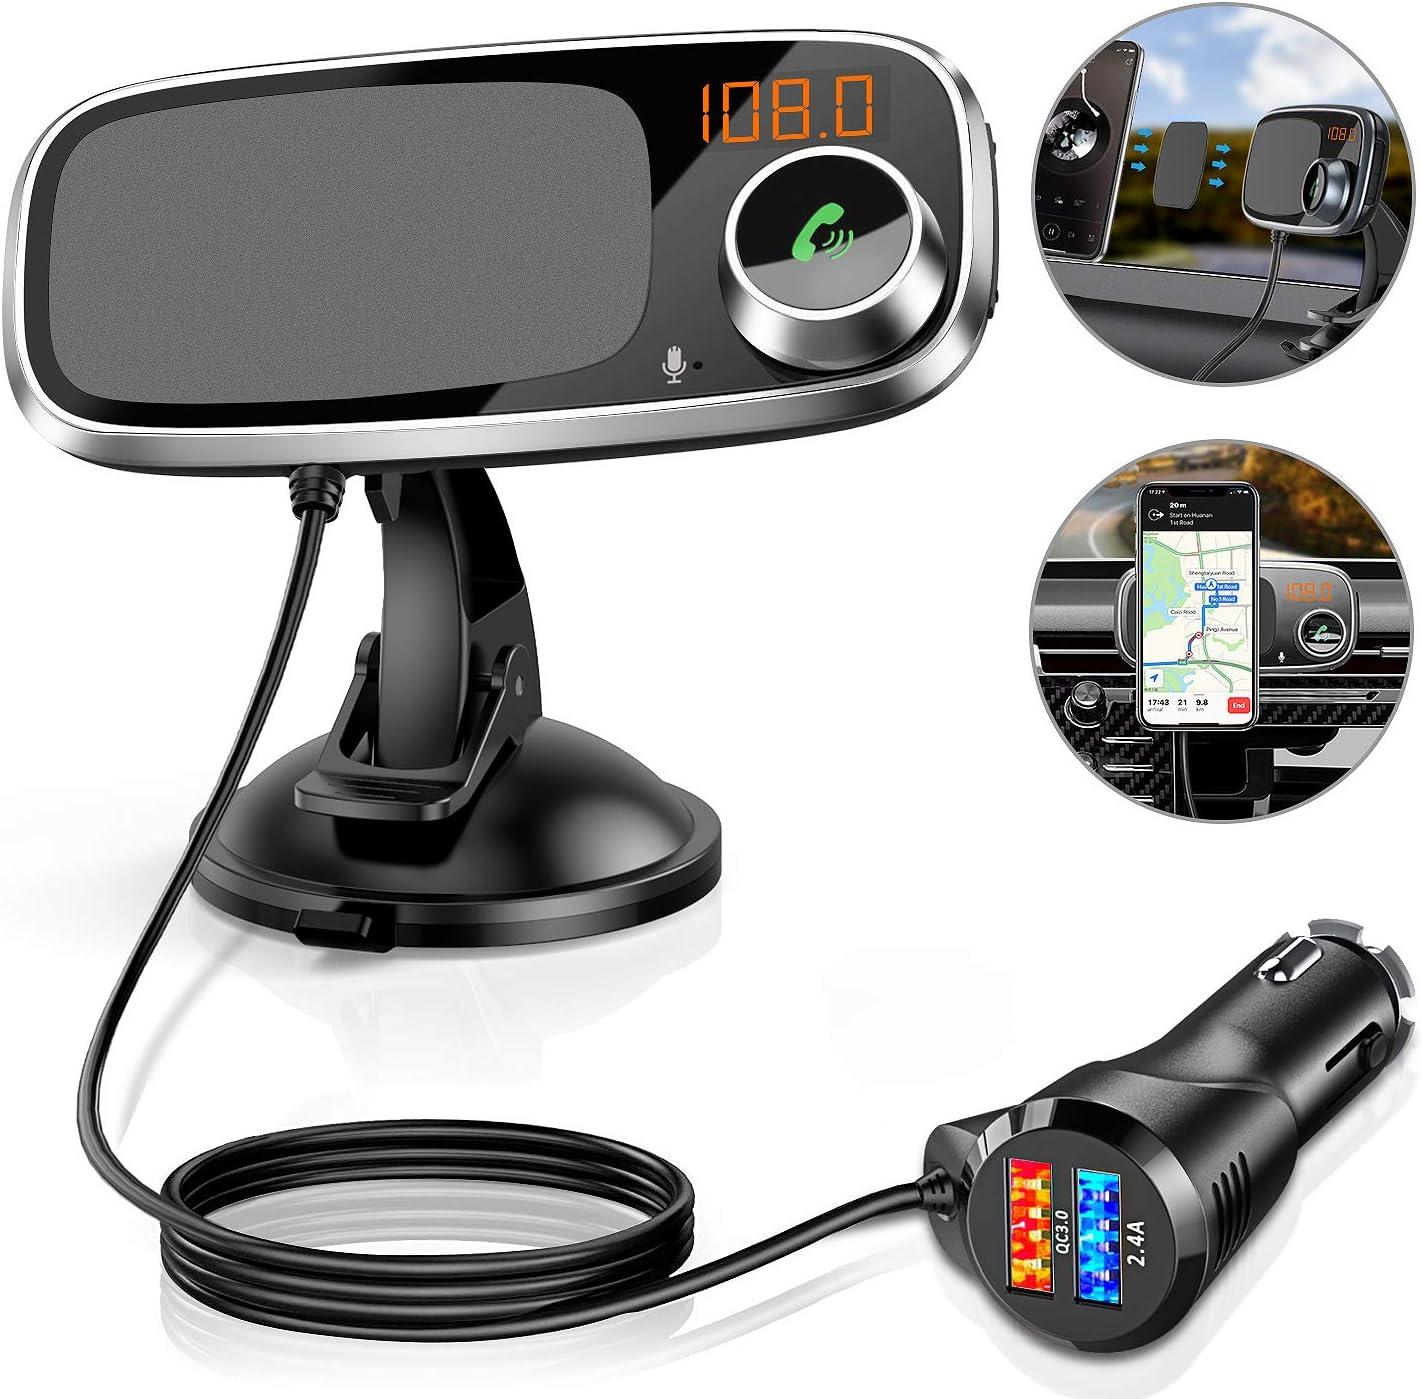 Transmisor FM Bluetooth con Soporte para teléfono, 3 en 1 Kit Bluetooth FM Adaptador de Radio para Vehículos Manos Libres, 2 Puertos USB QC3.0 Cargador rápido 5V / 2.4A, Girar 360 ° Negro